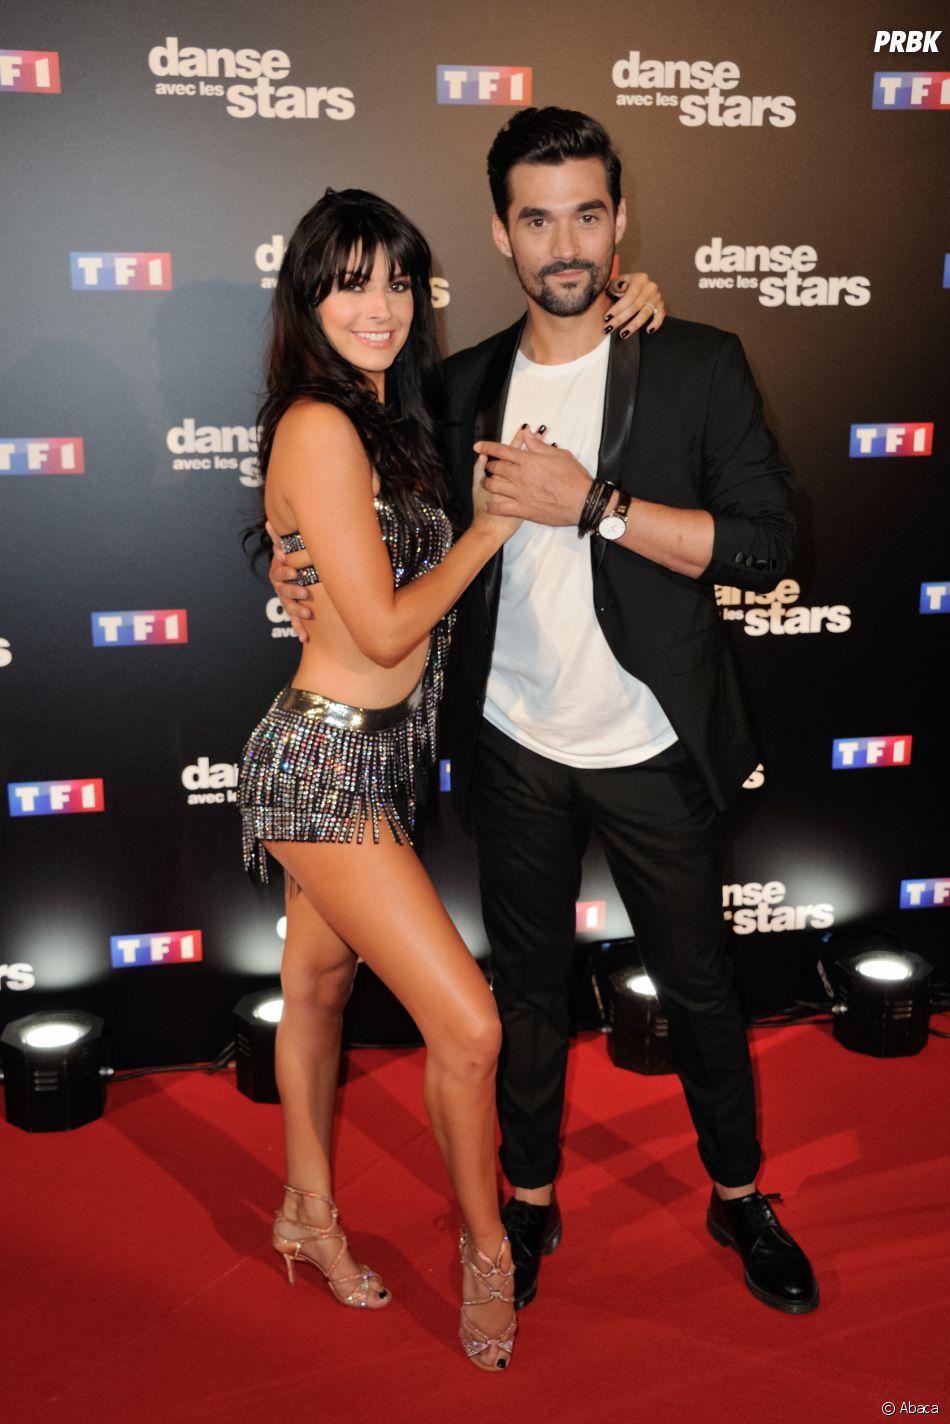 Florent Mothe dansera avec Candice Pascal dans Danse avec les stars 7